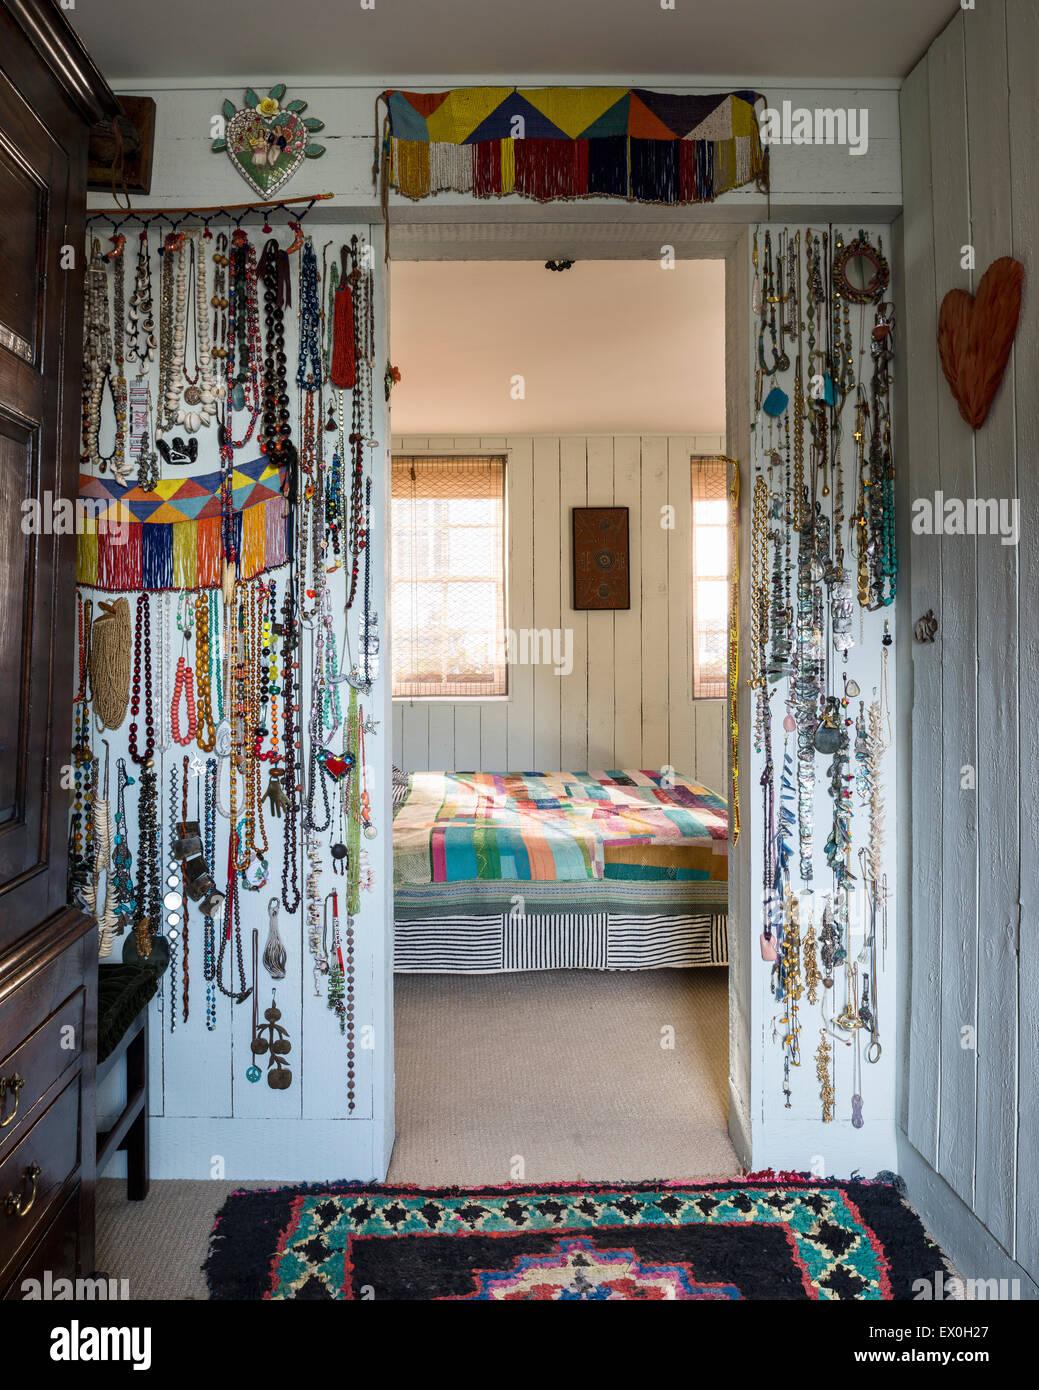 Collares colgados de las patas alrededor de umbral en dormitorio Imagen De Stock